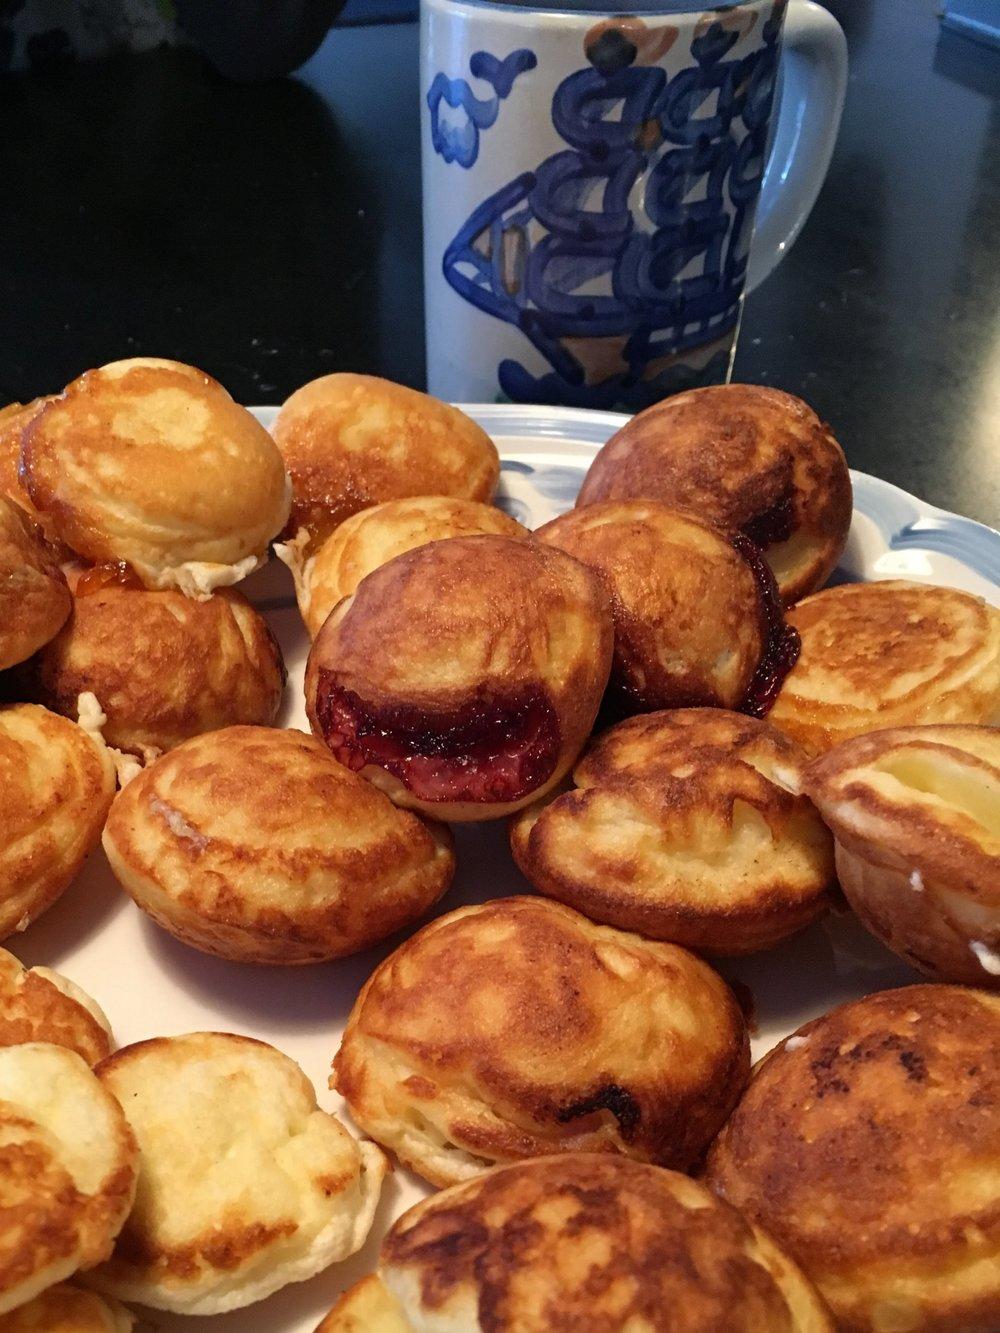 ebelskivers - a danish breakfast treat